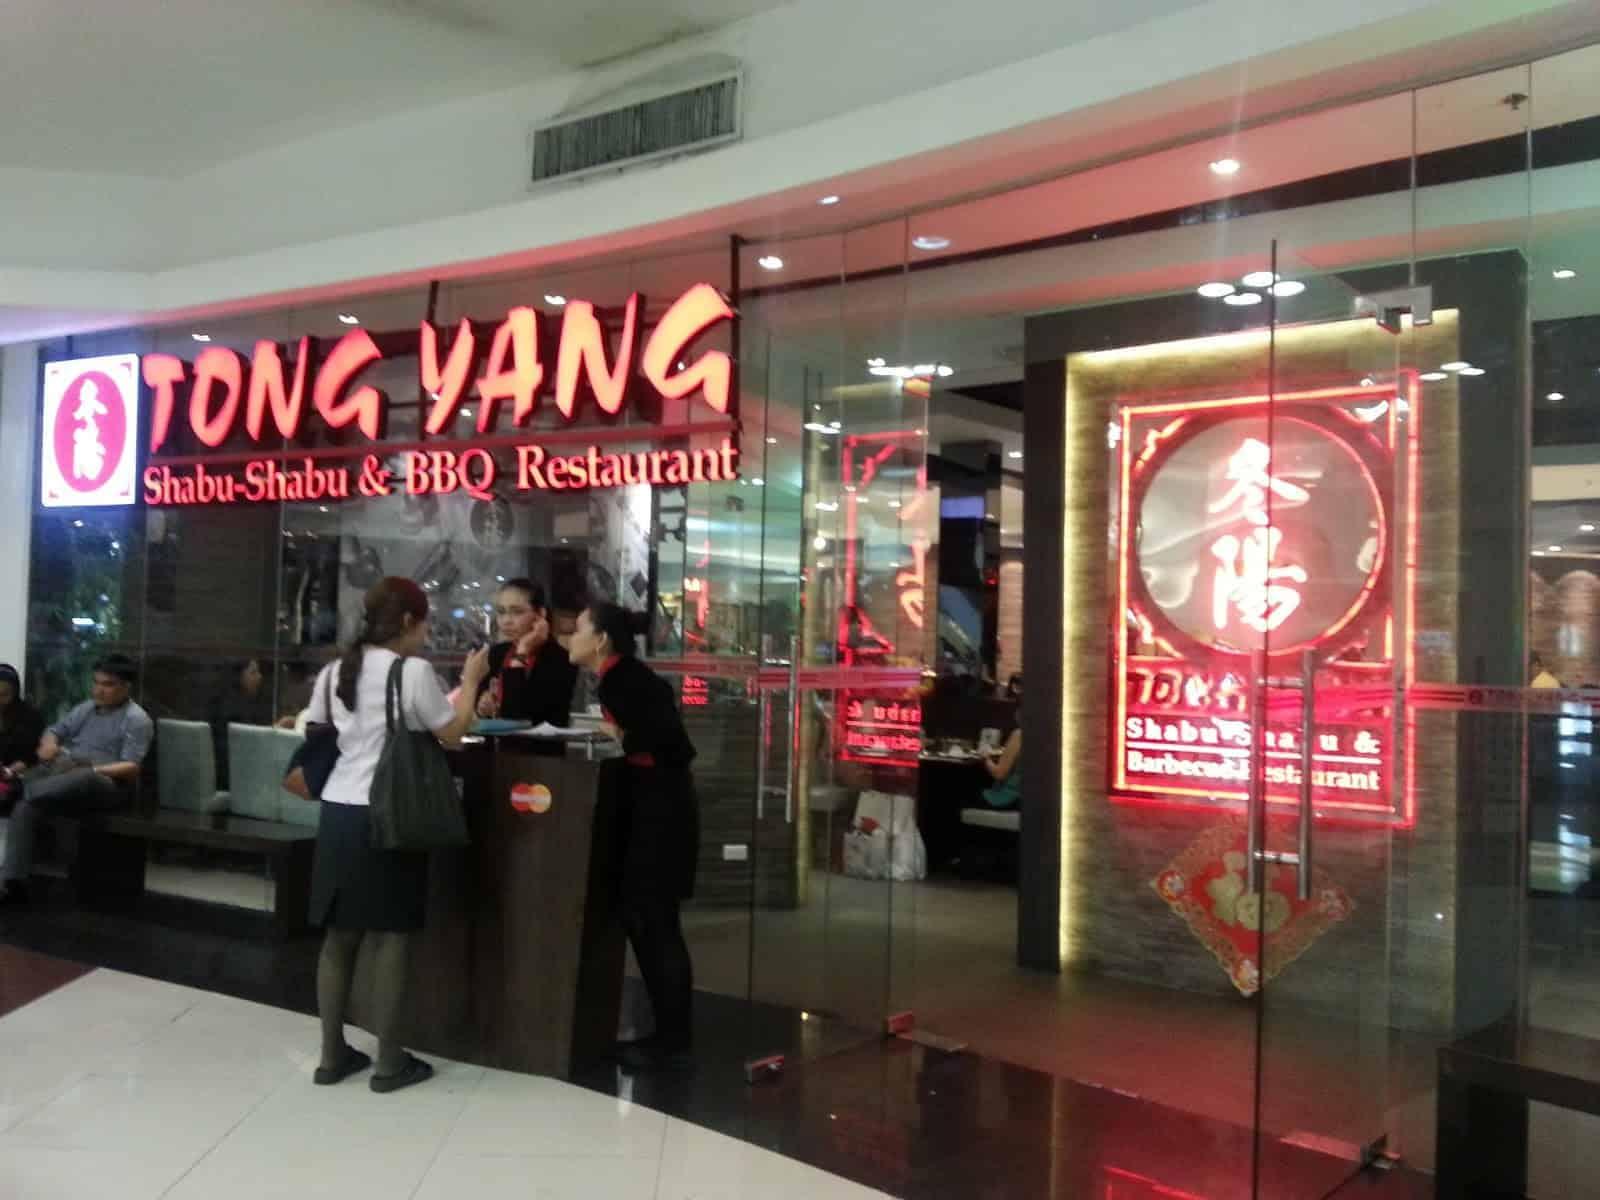 مطعم تونغ يانغ مانيلا